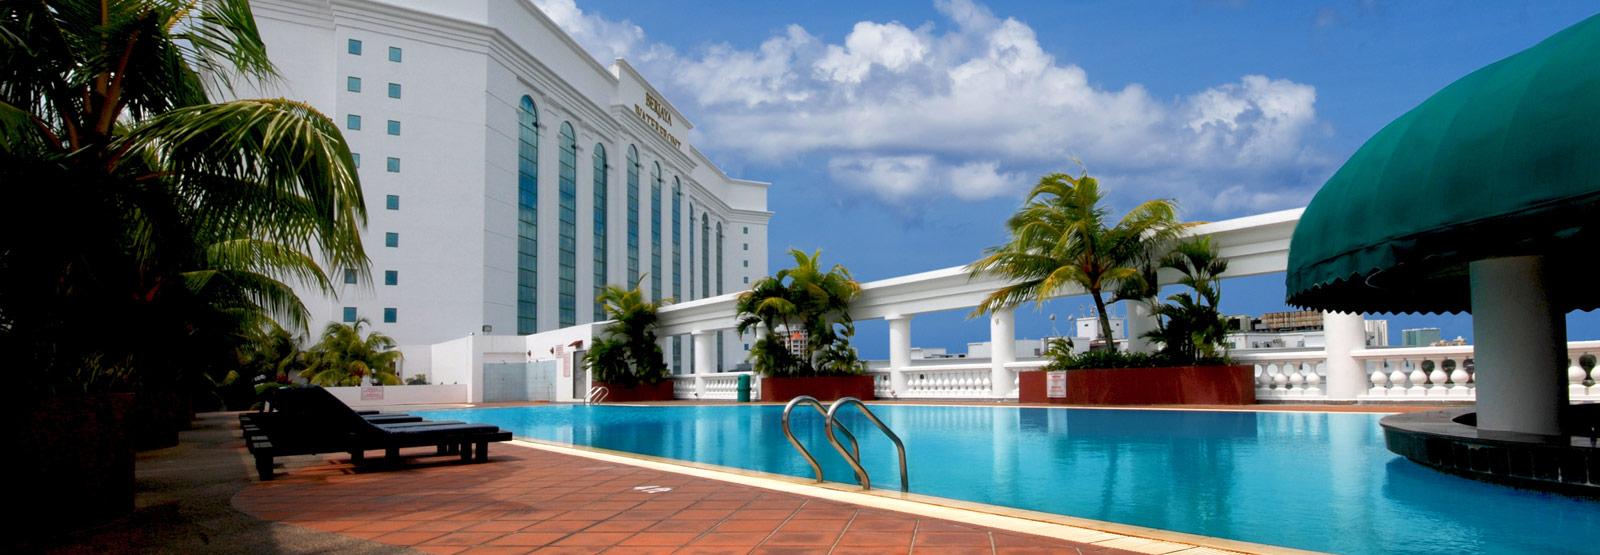 Contact Us Berjaya Hotel